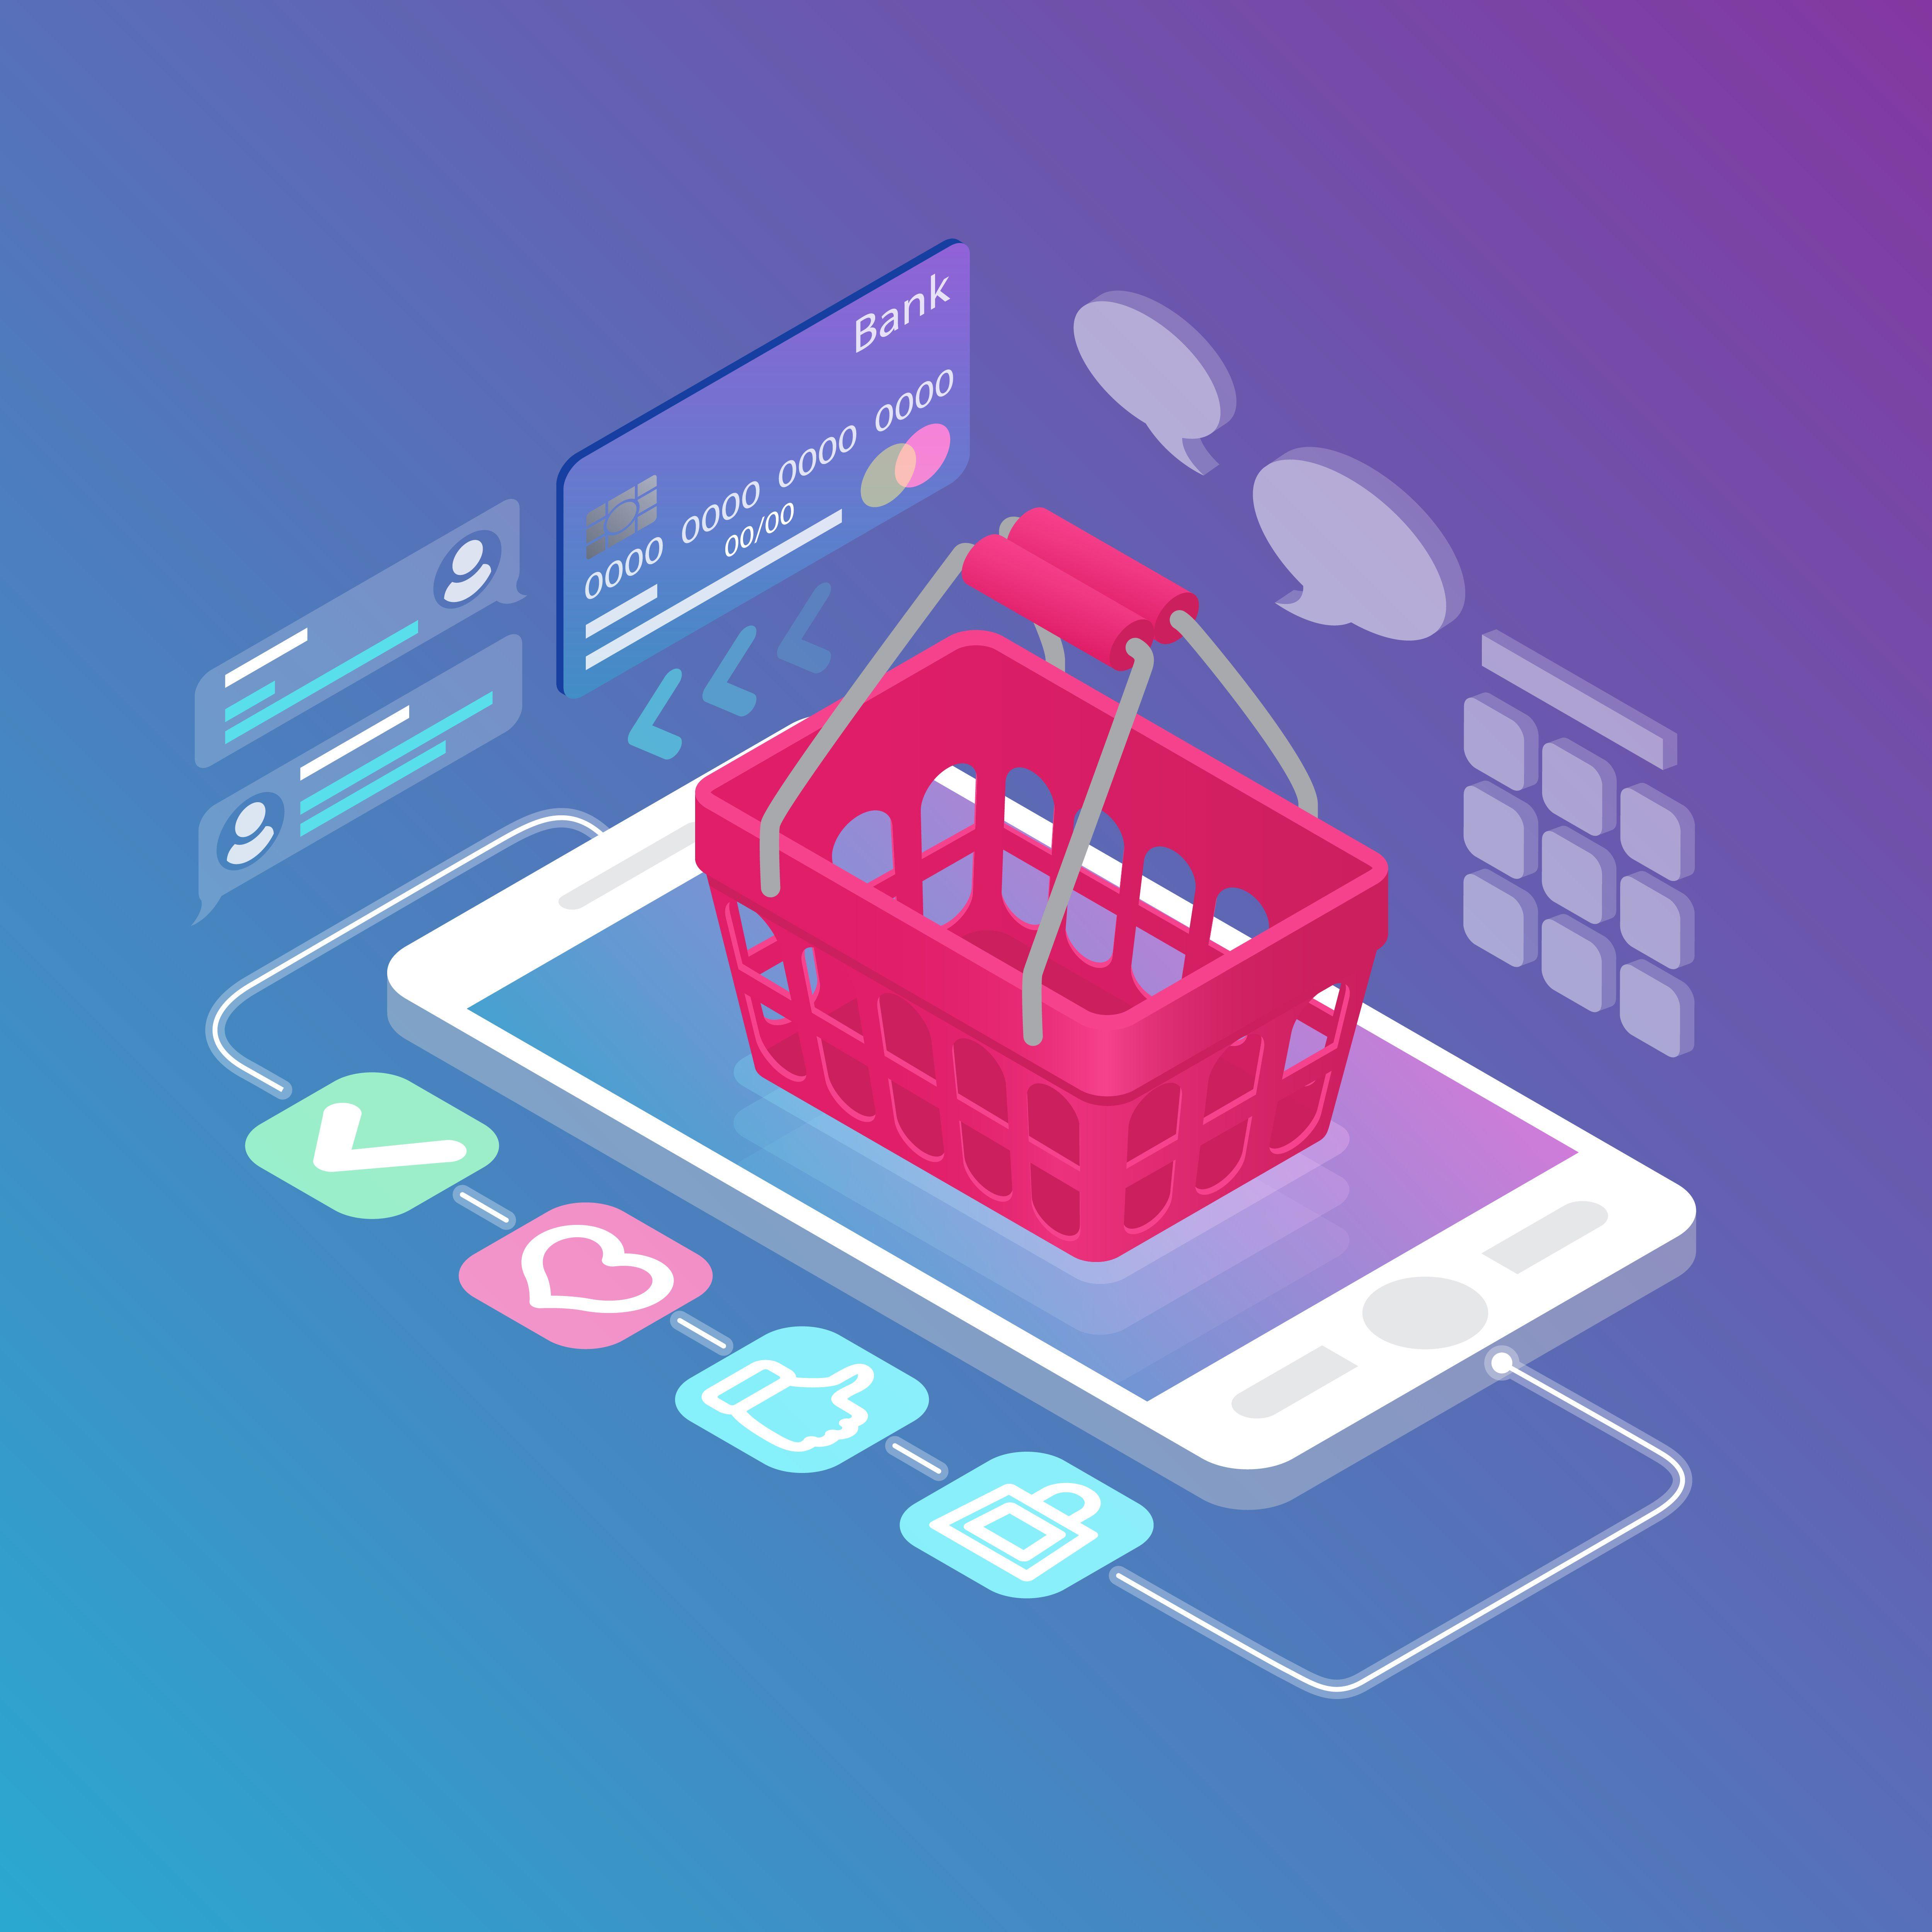 How to build a marketplace website like Jumia and Konga by Adebowalepro